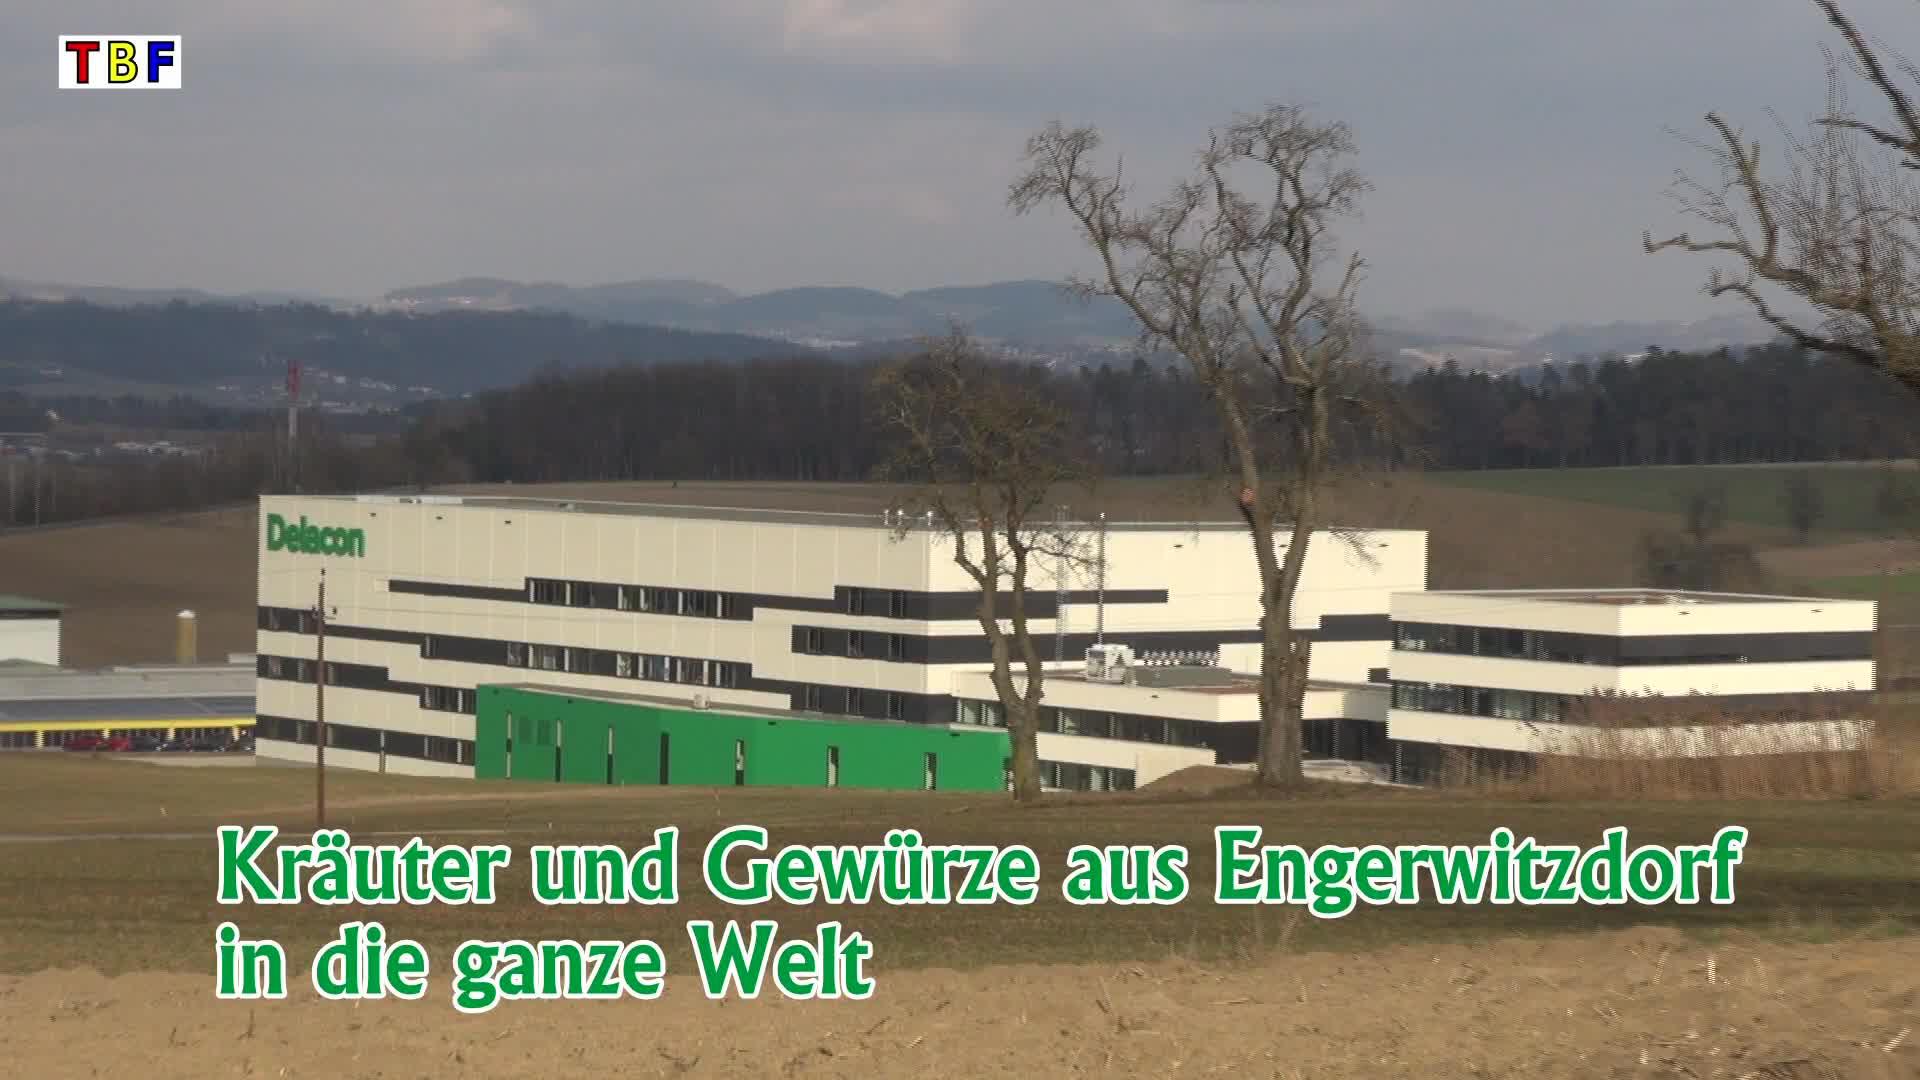 Kräuter und Gewürze aus Engerwitzdorf in die ganze Welt